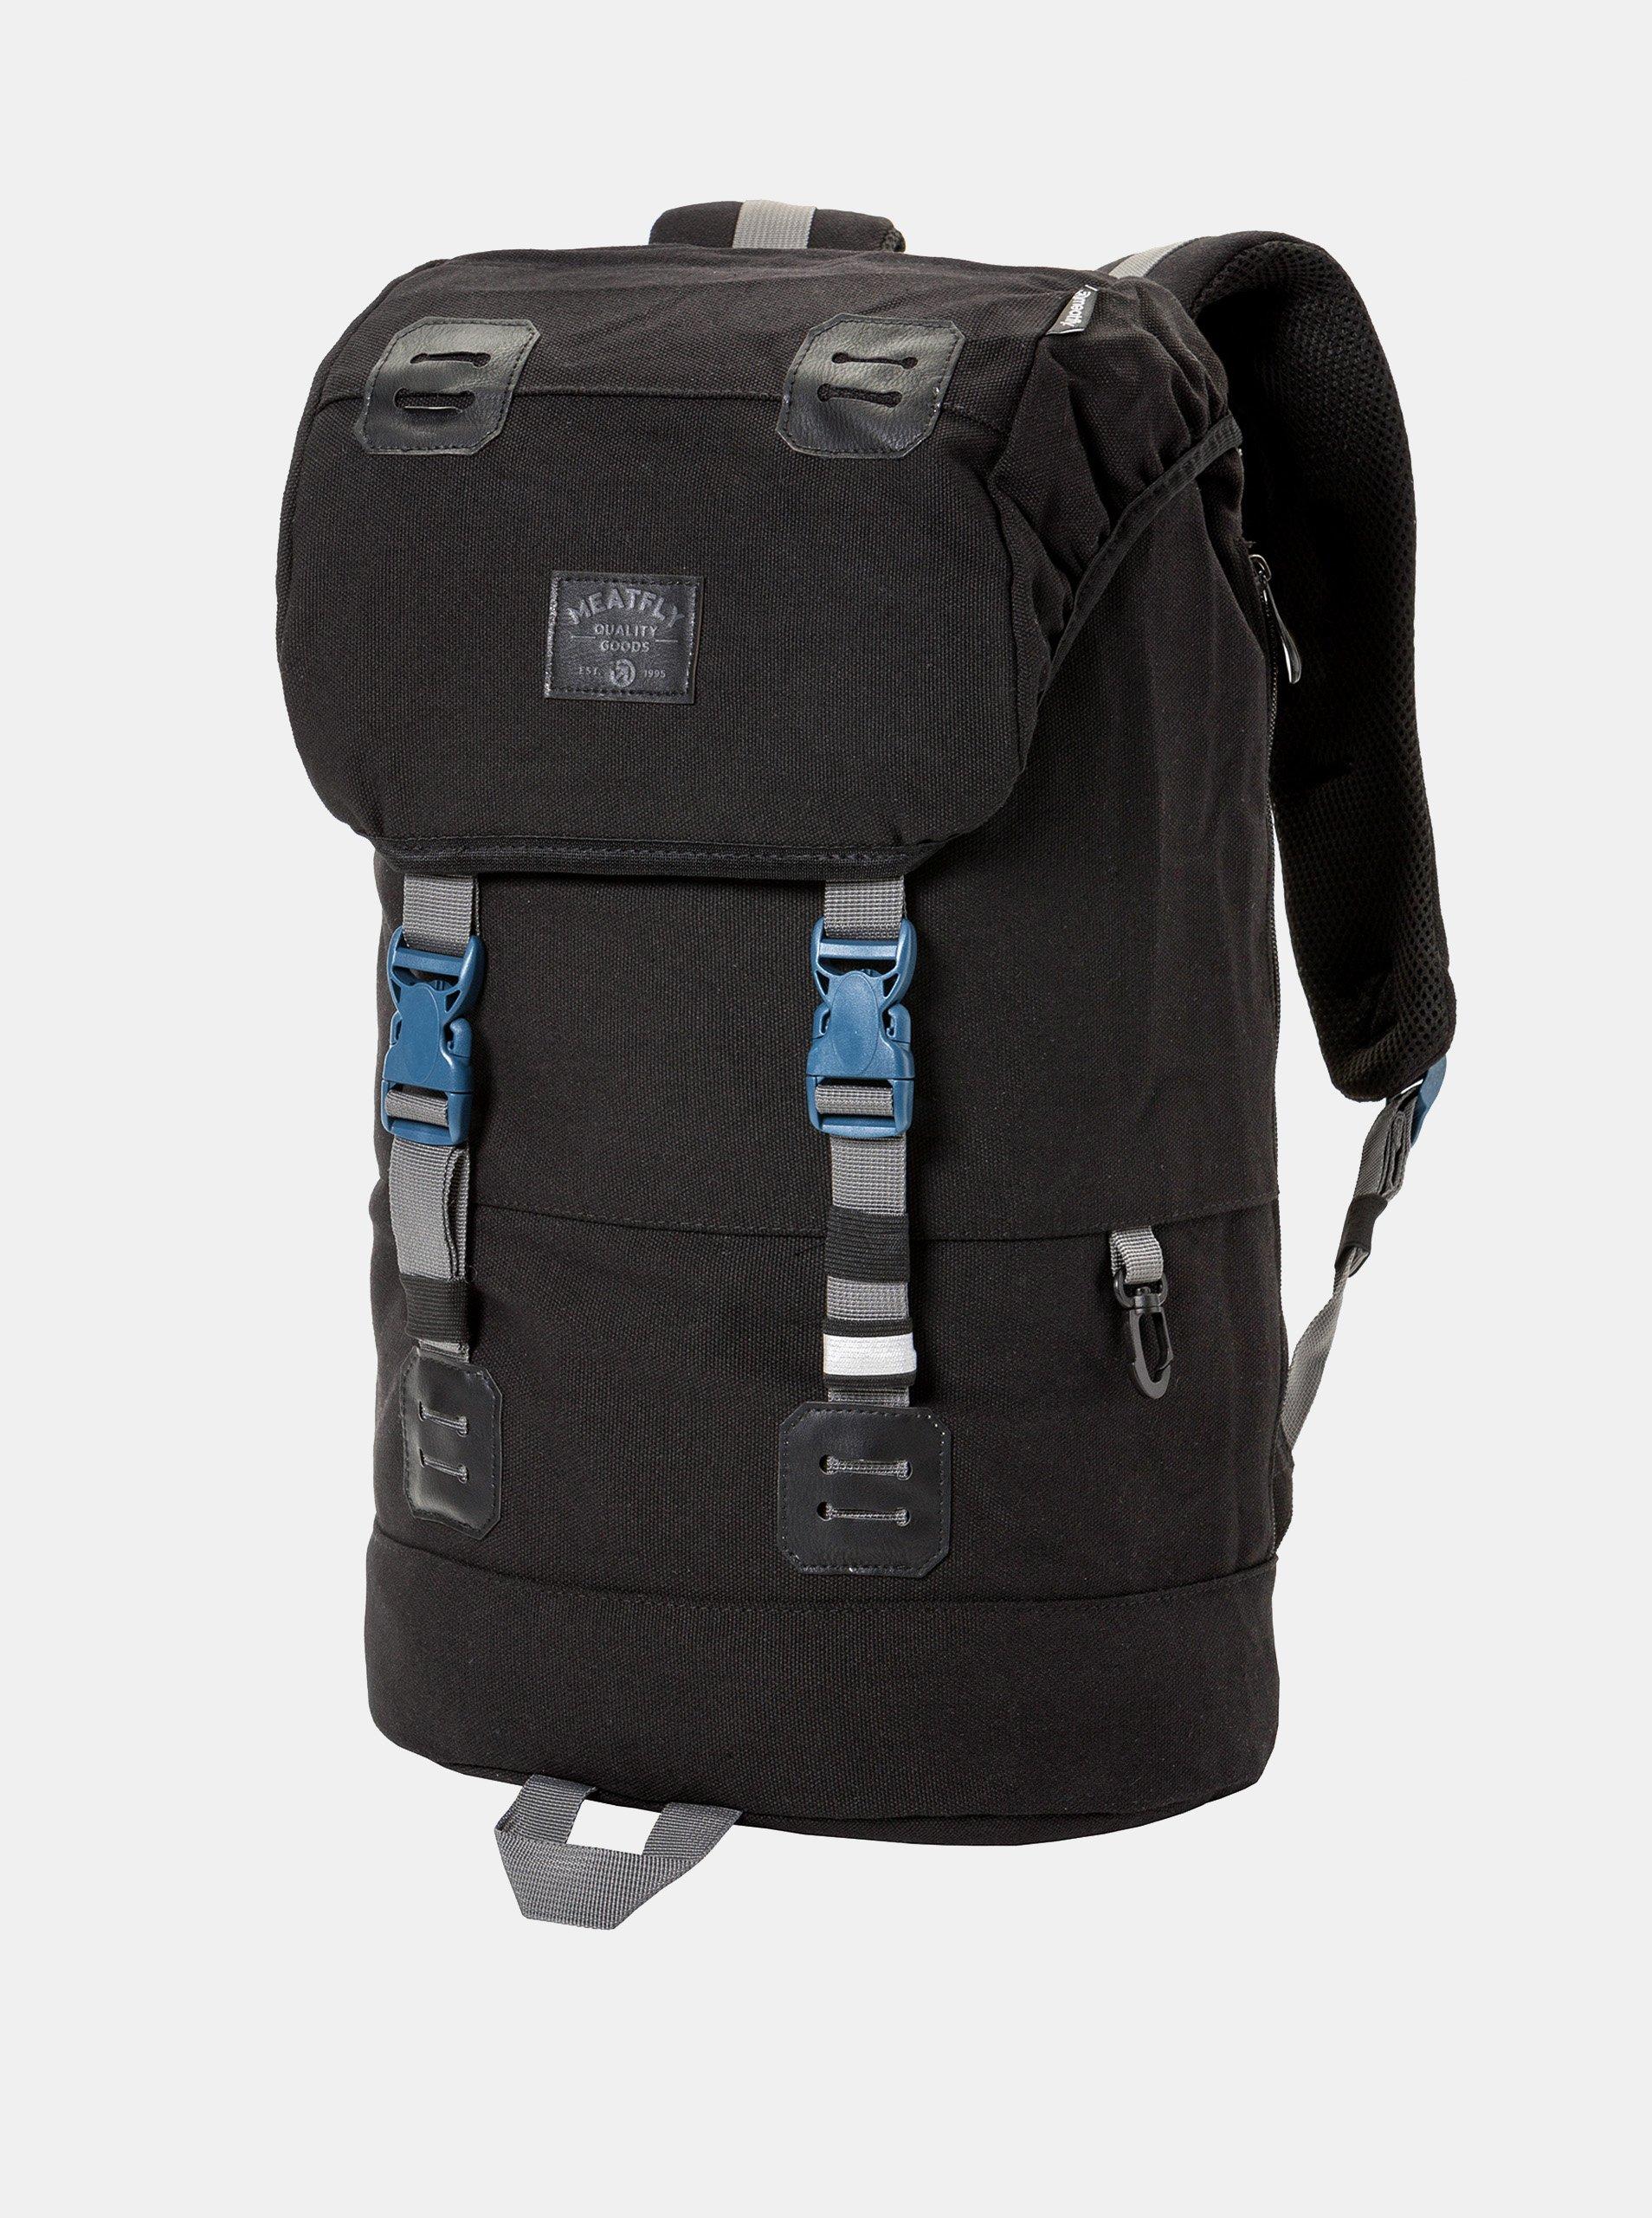 Fotografie Černý batoh a koženkovými detaily a pláštěnkou Meatfly 26 l